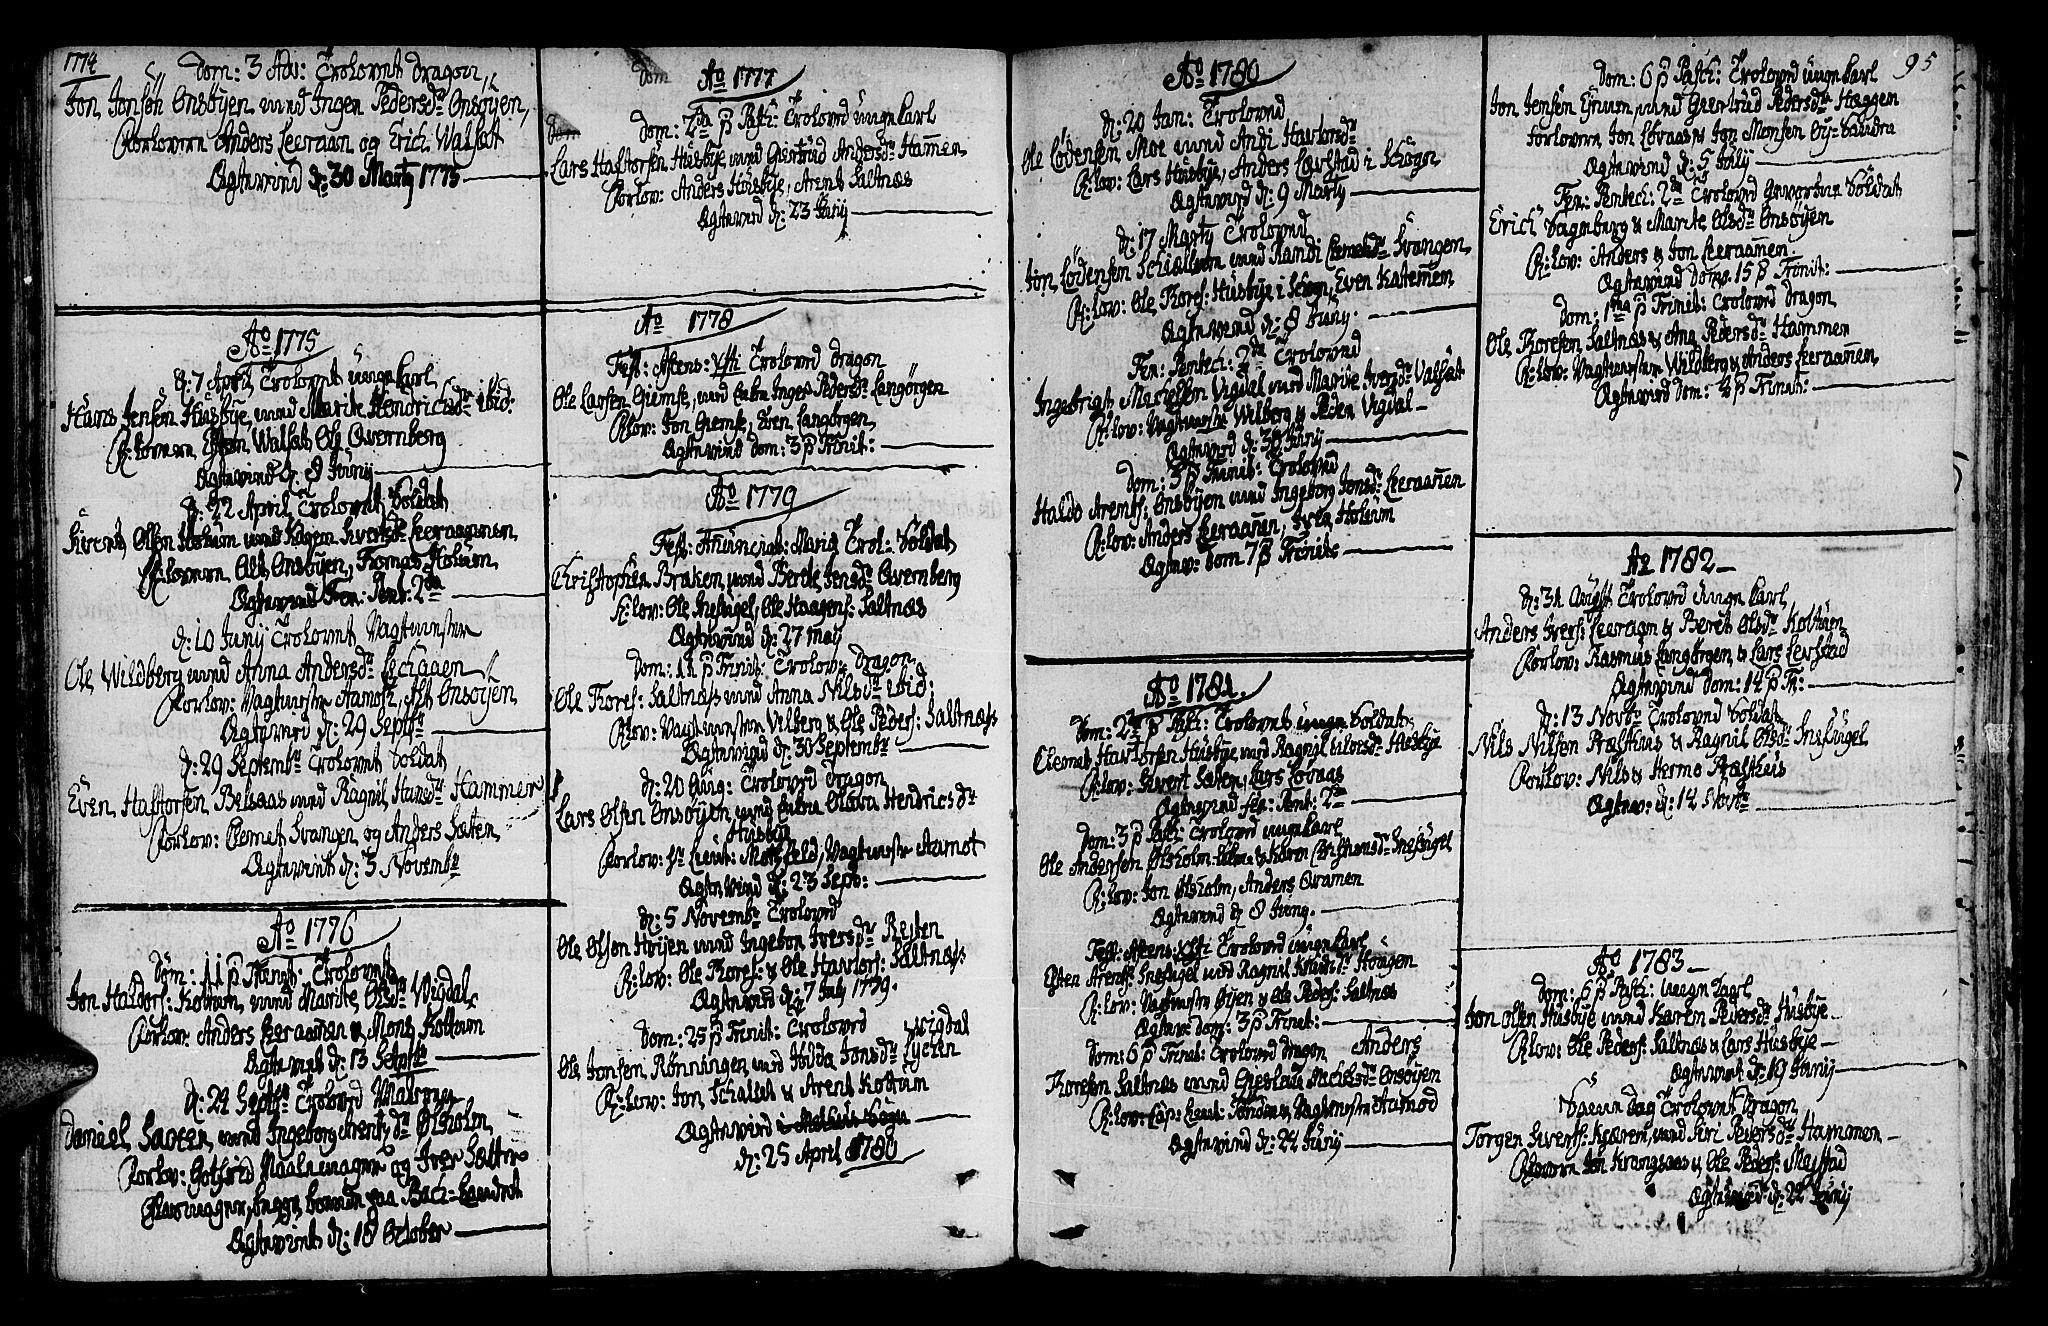 SAT, Ministerialprotokoller, klokkerbøker og fødselsregistre - Sør-Trøndelag, 666/L0784: Ministerialbok nr. 666A02, 1754-1802, s. 95